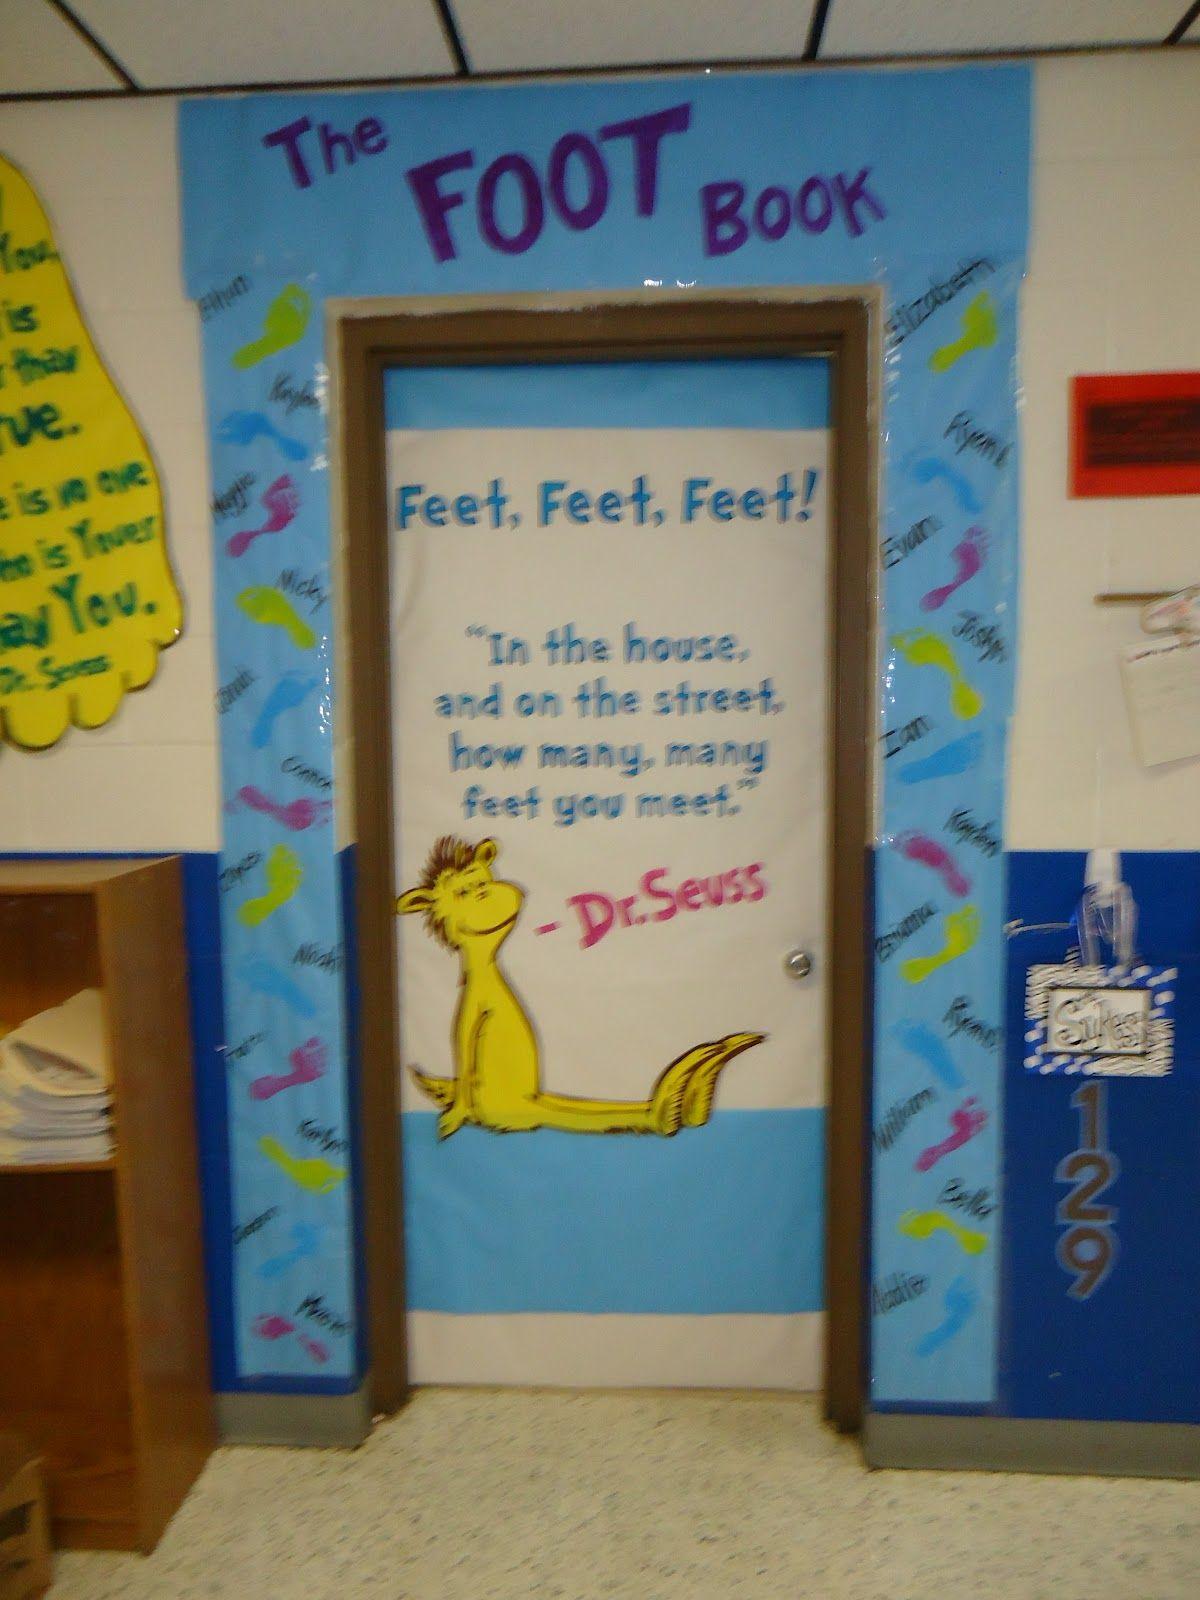 Dr seuss door decorating contest ideas bookshelf monstrosity